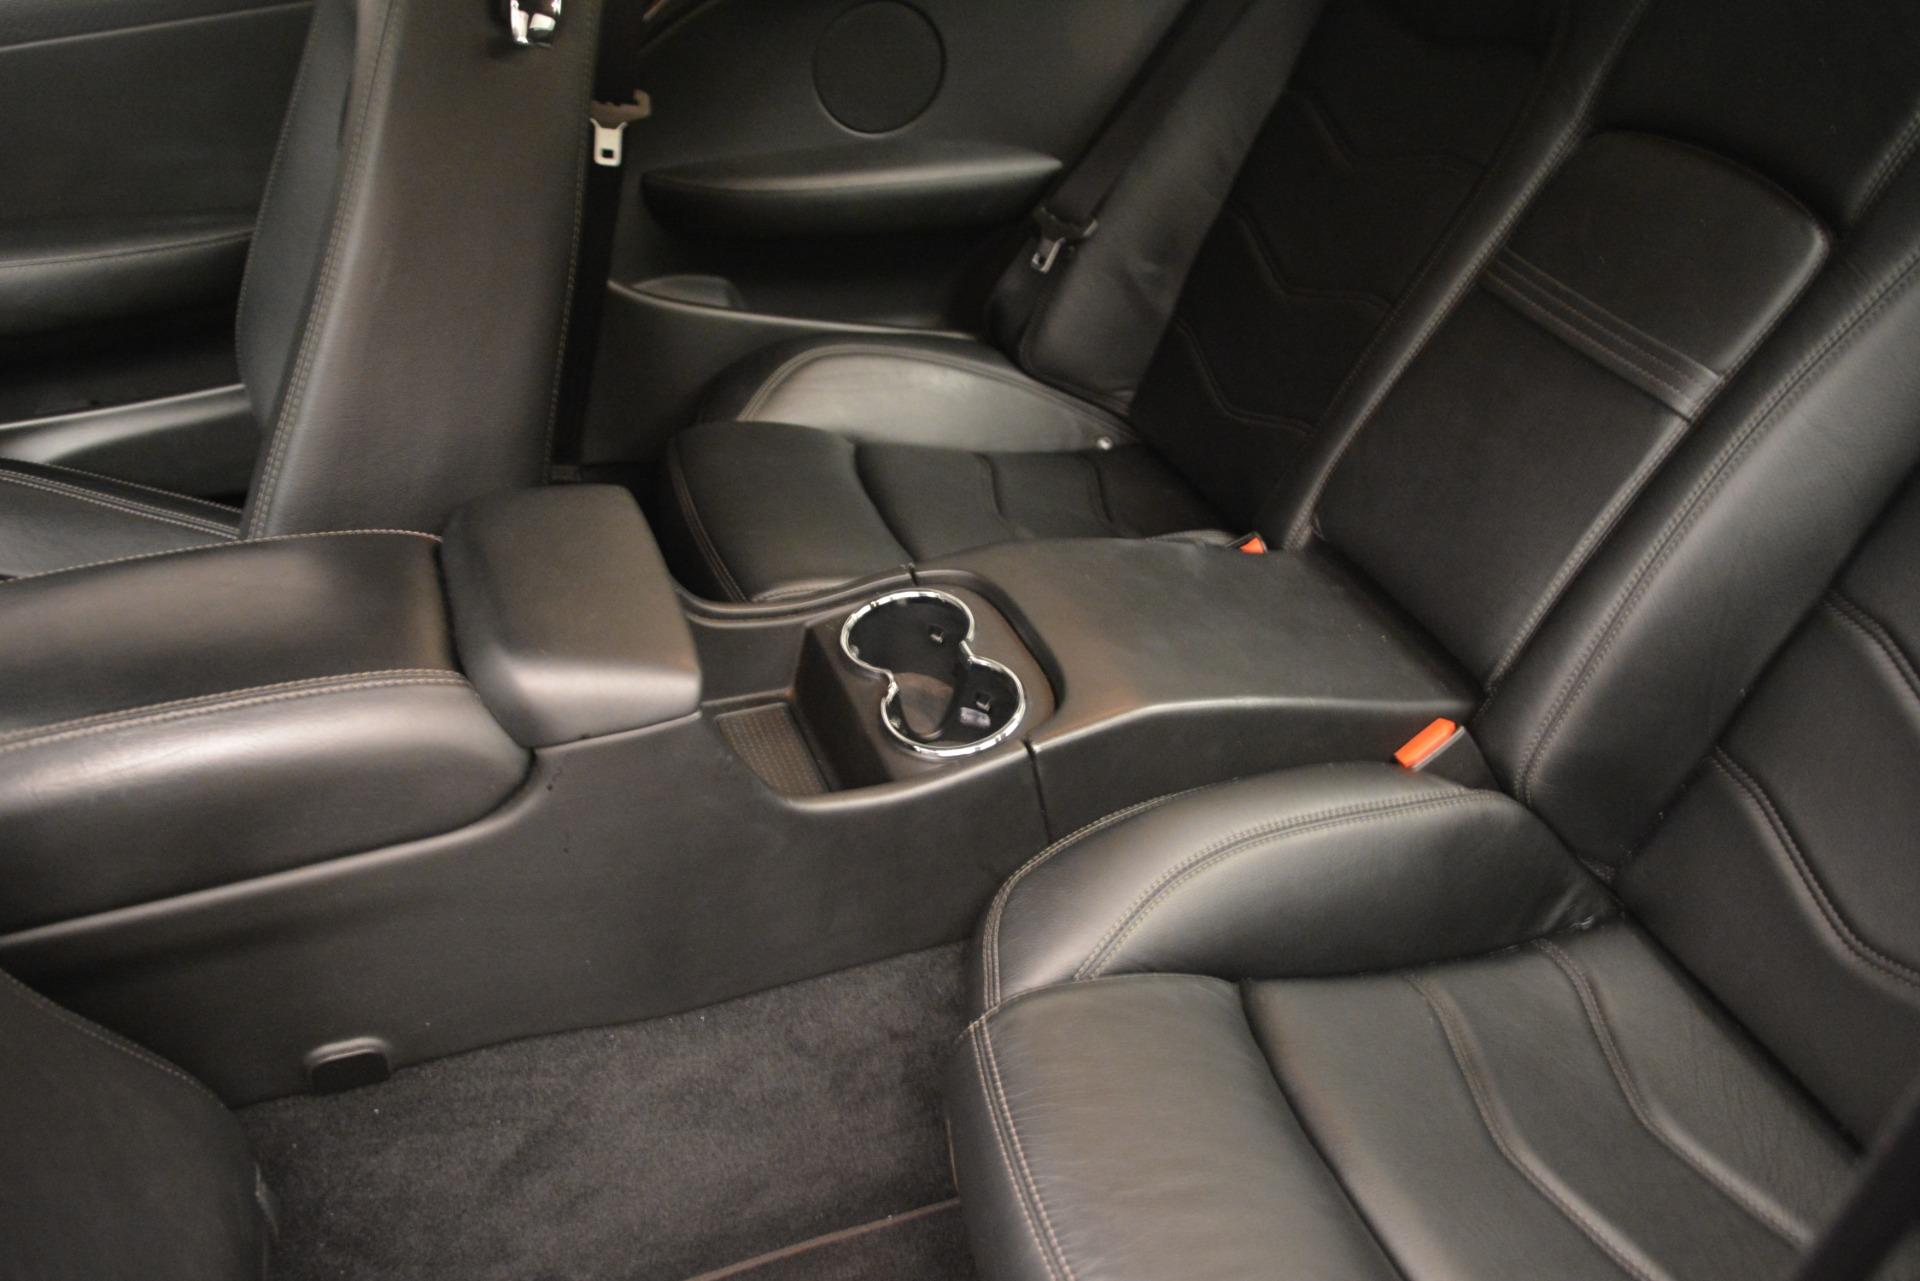 Used 2012 Maserati GranTurismo MC For Sale In Westport, CT 1284_p18